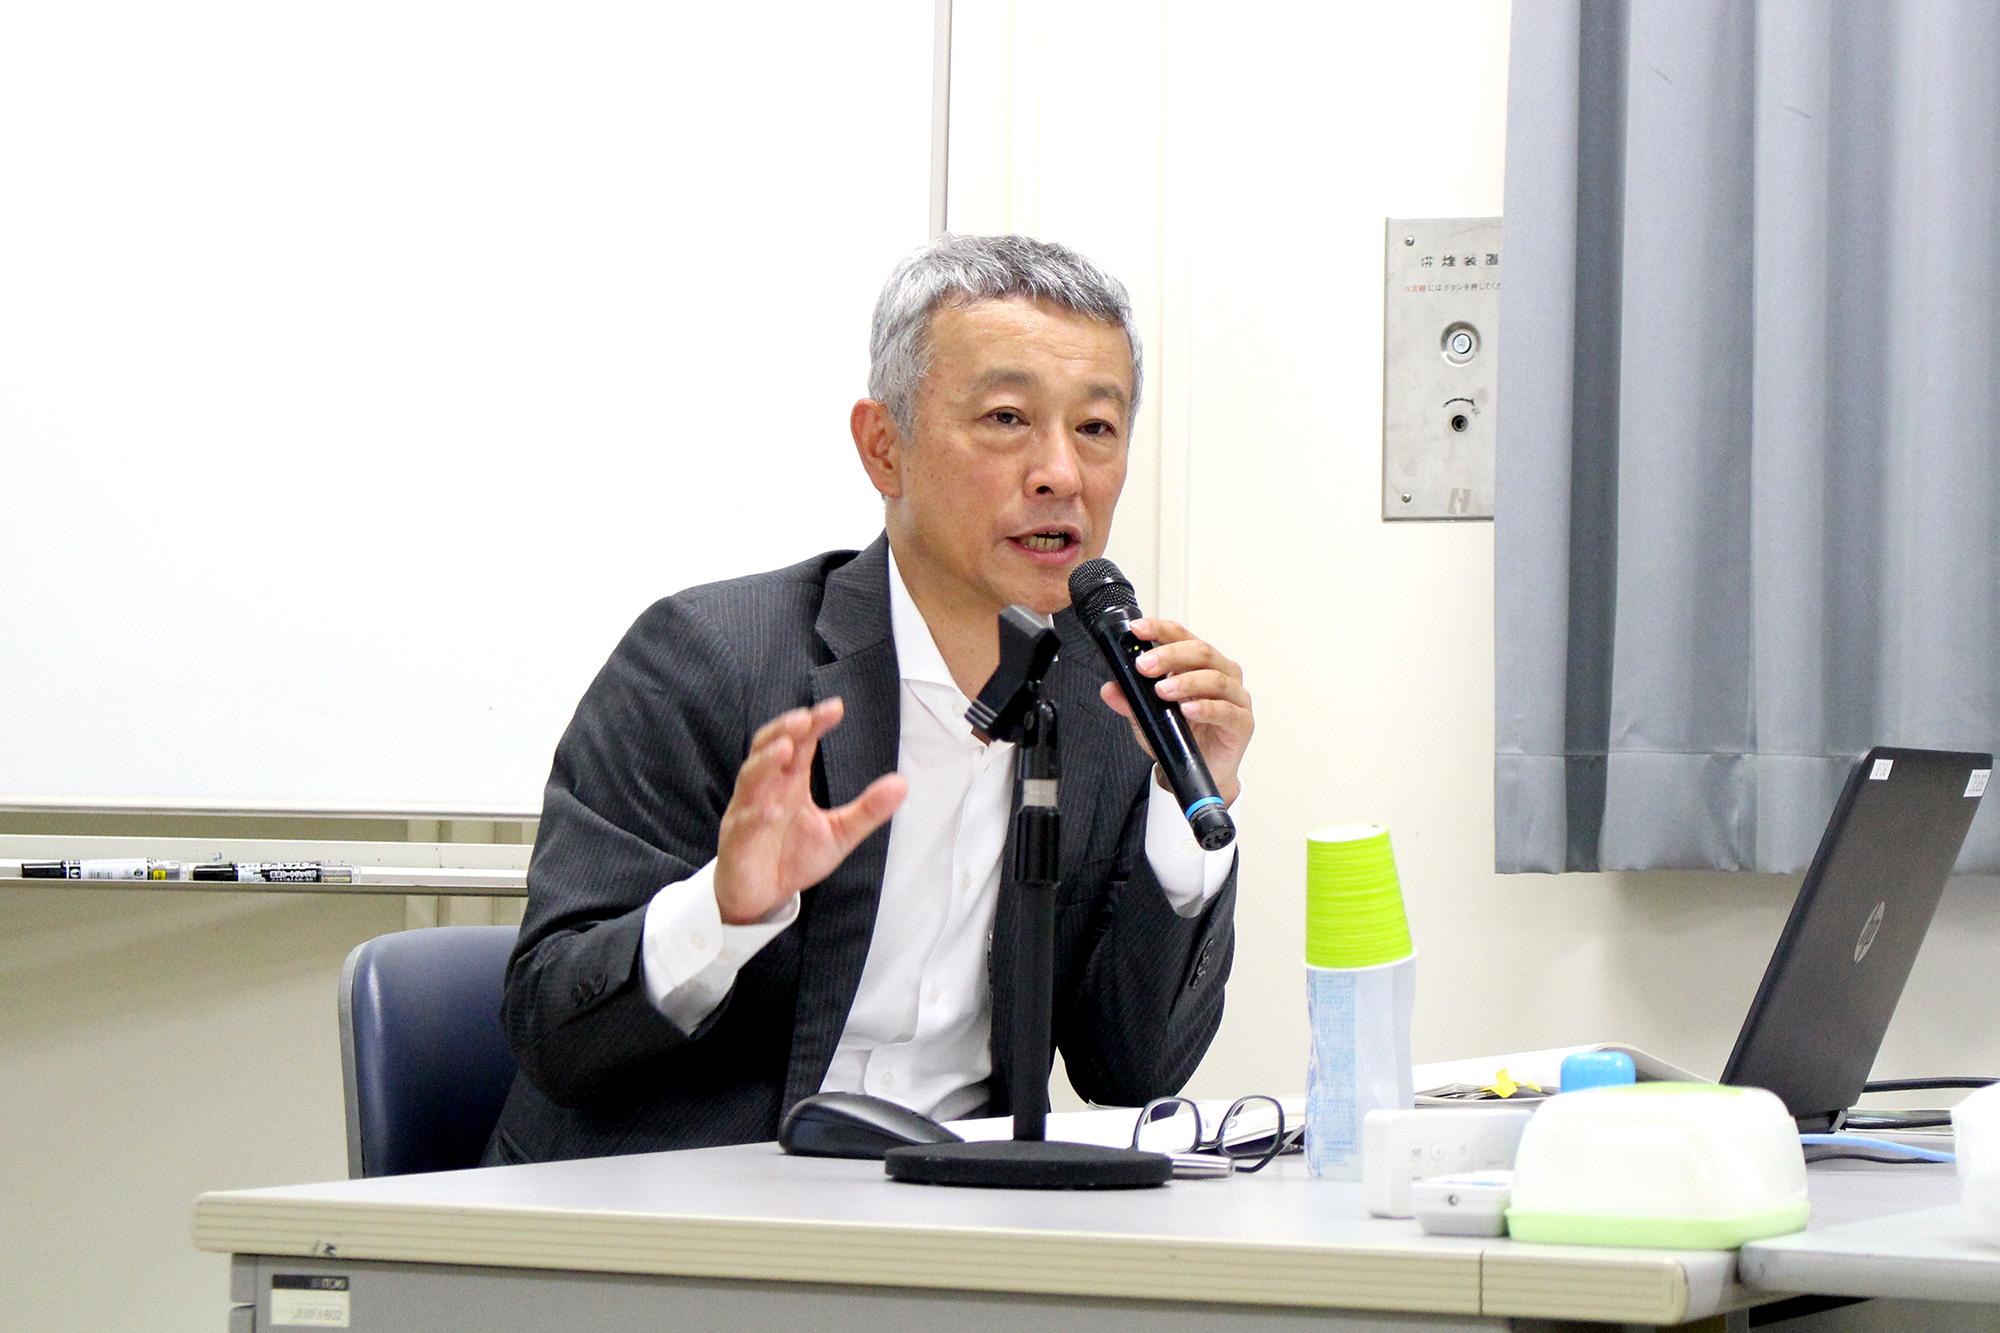 三井不動産株式会社 小野氏による特別講義を実施